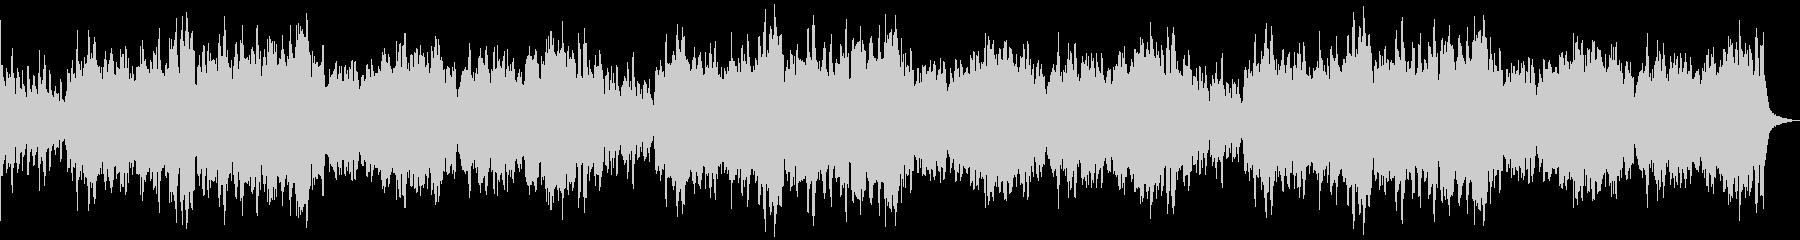 オケ=ワルツ-マイナー重厚の未再生の波形